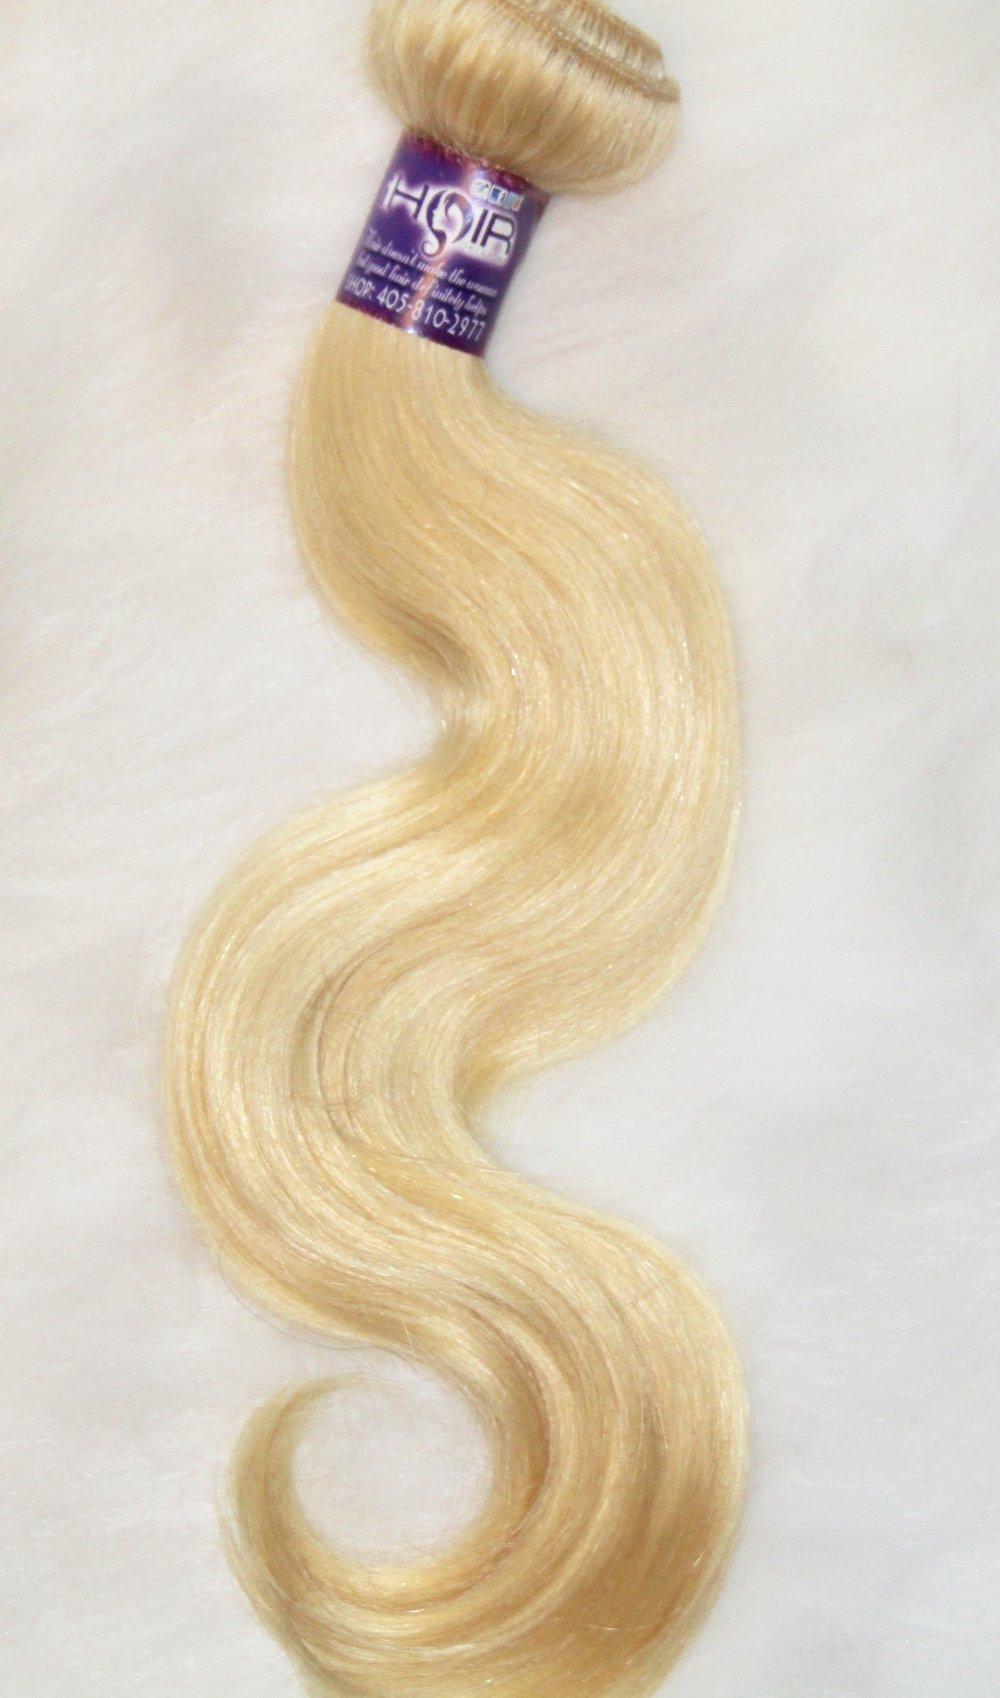 Blonde Bombshell - 613 HAIR